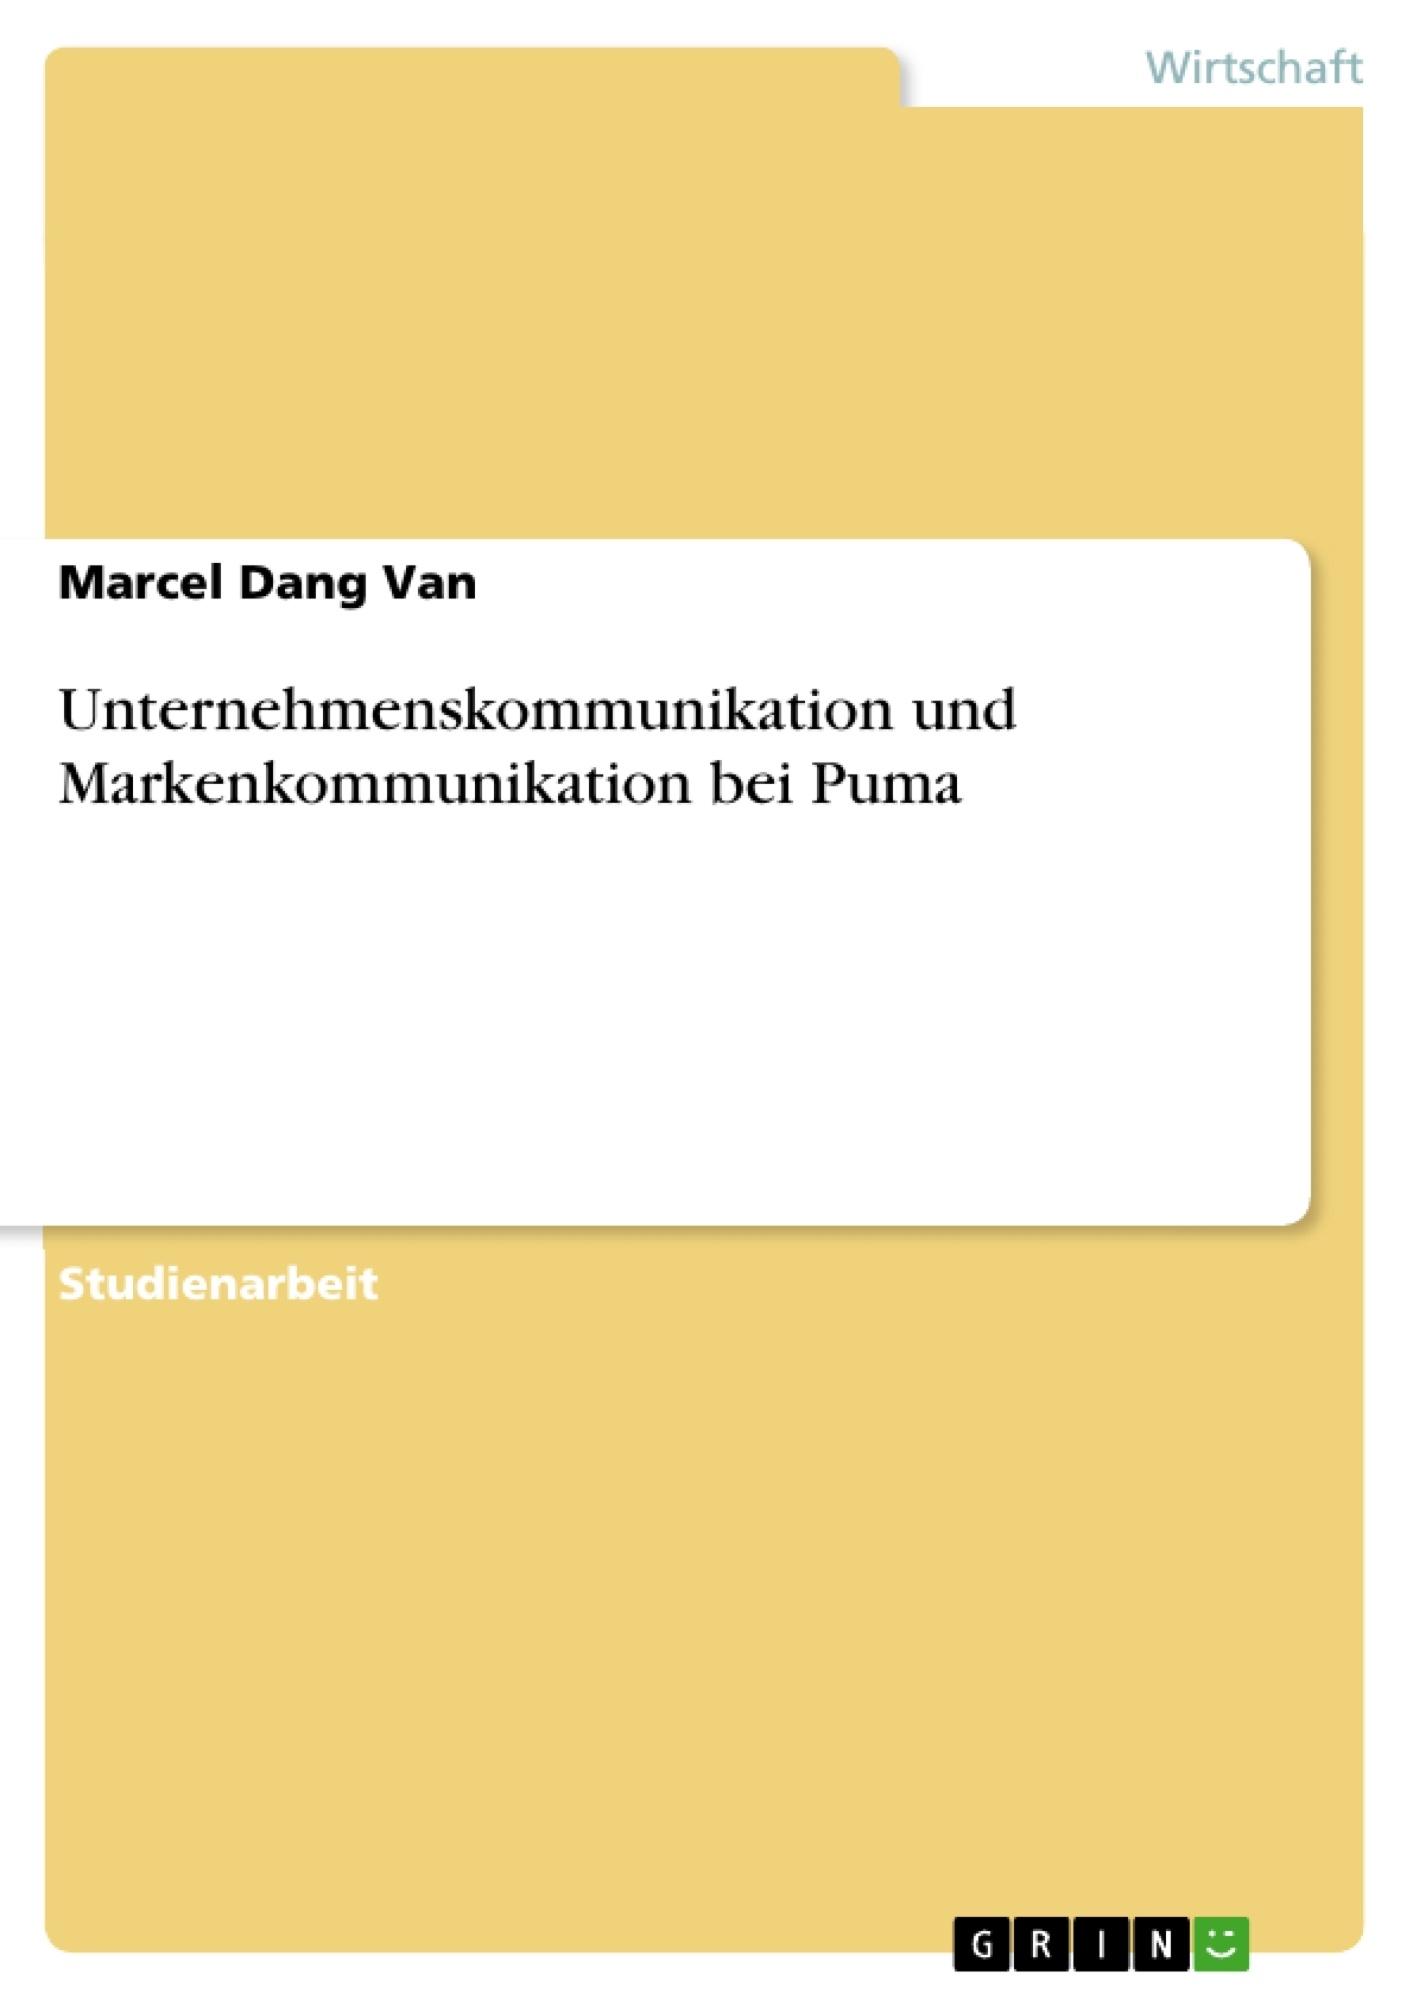 Titel: Unternehmenskommunikation und Markenkommunikation bei Puma